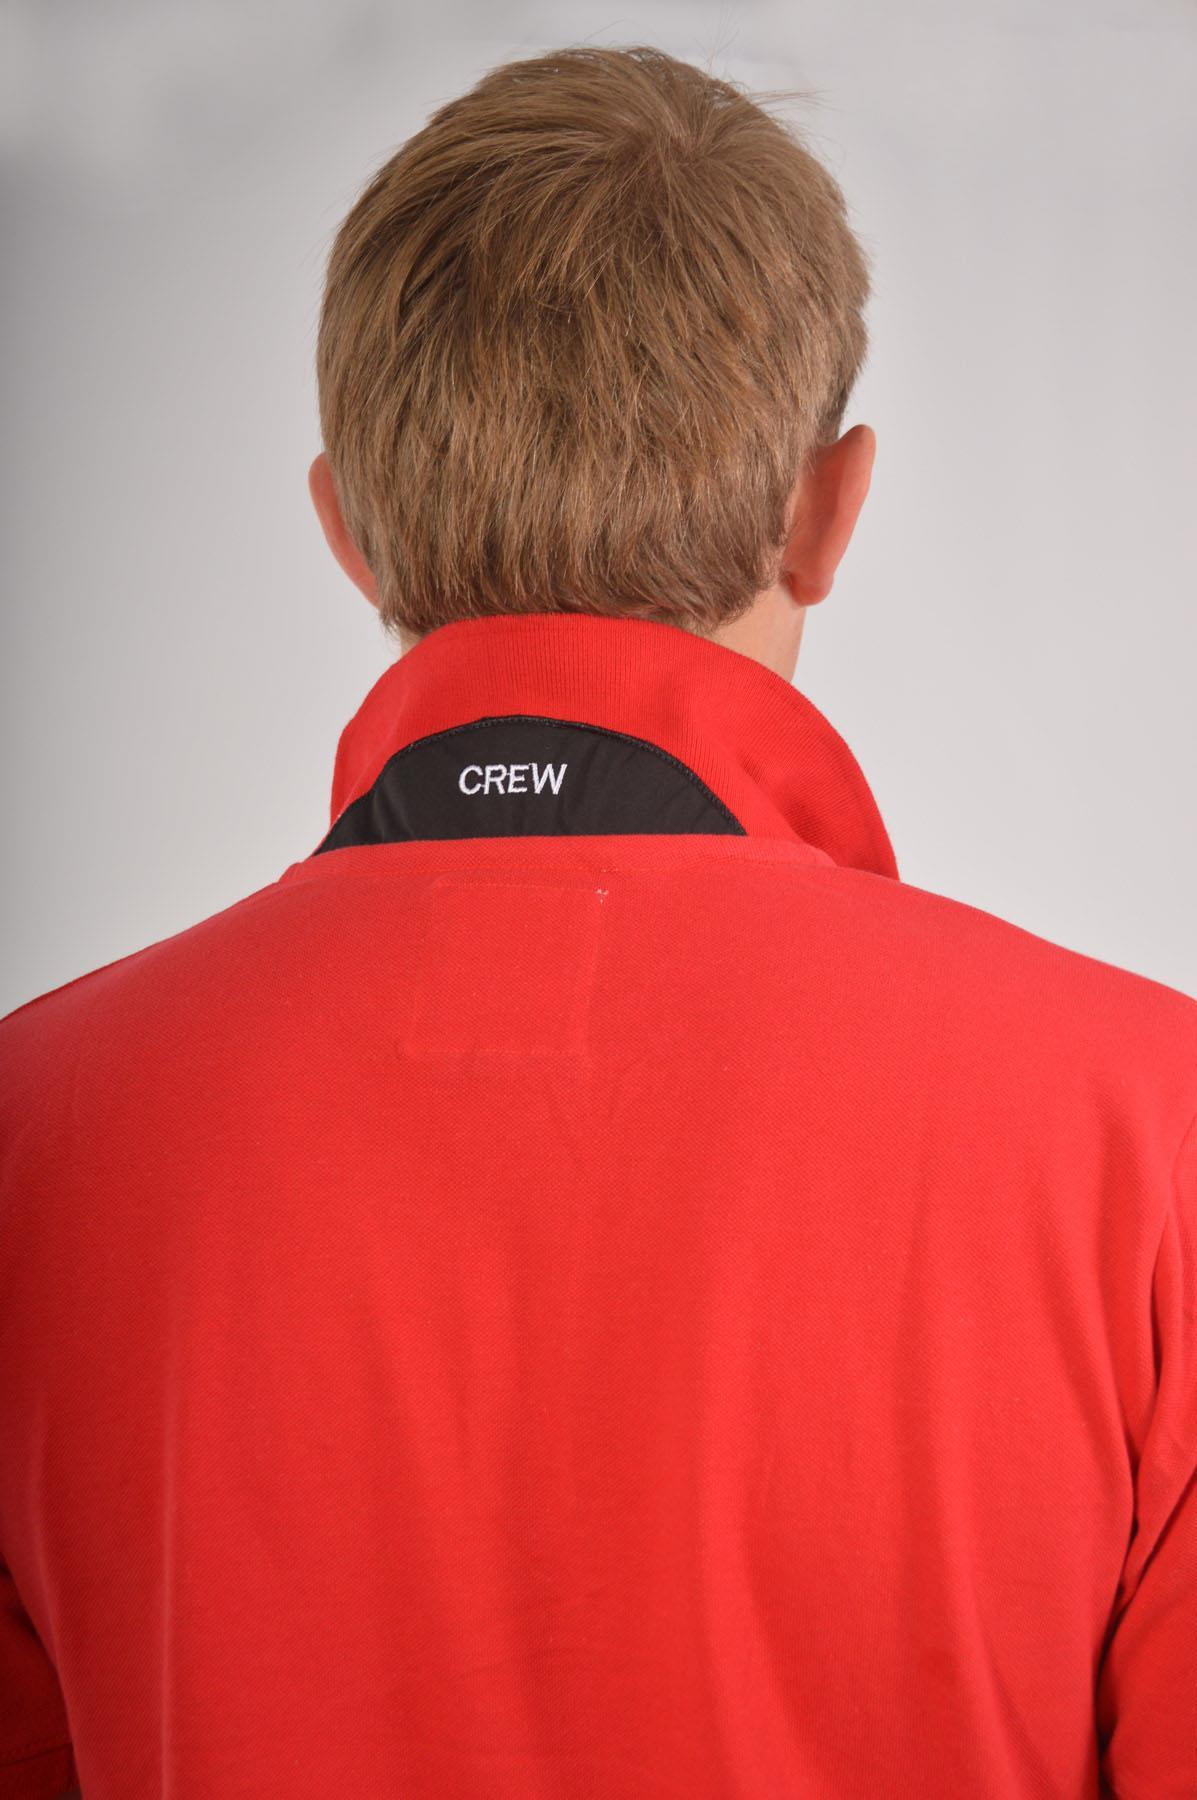 CREW CLOTHING Mens Cotton Pique Polo Shirt Original Store Price £37